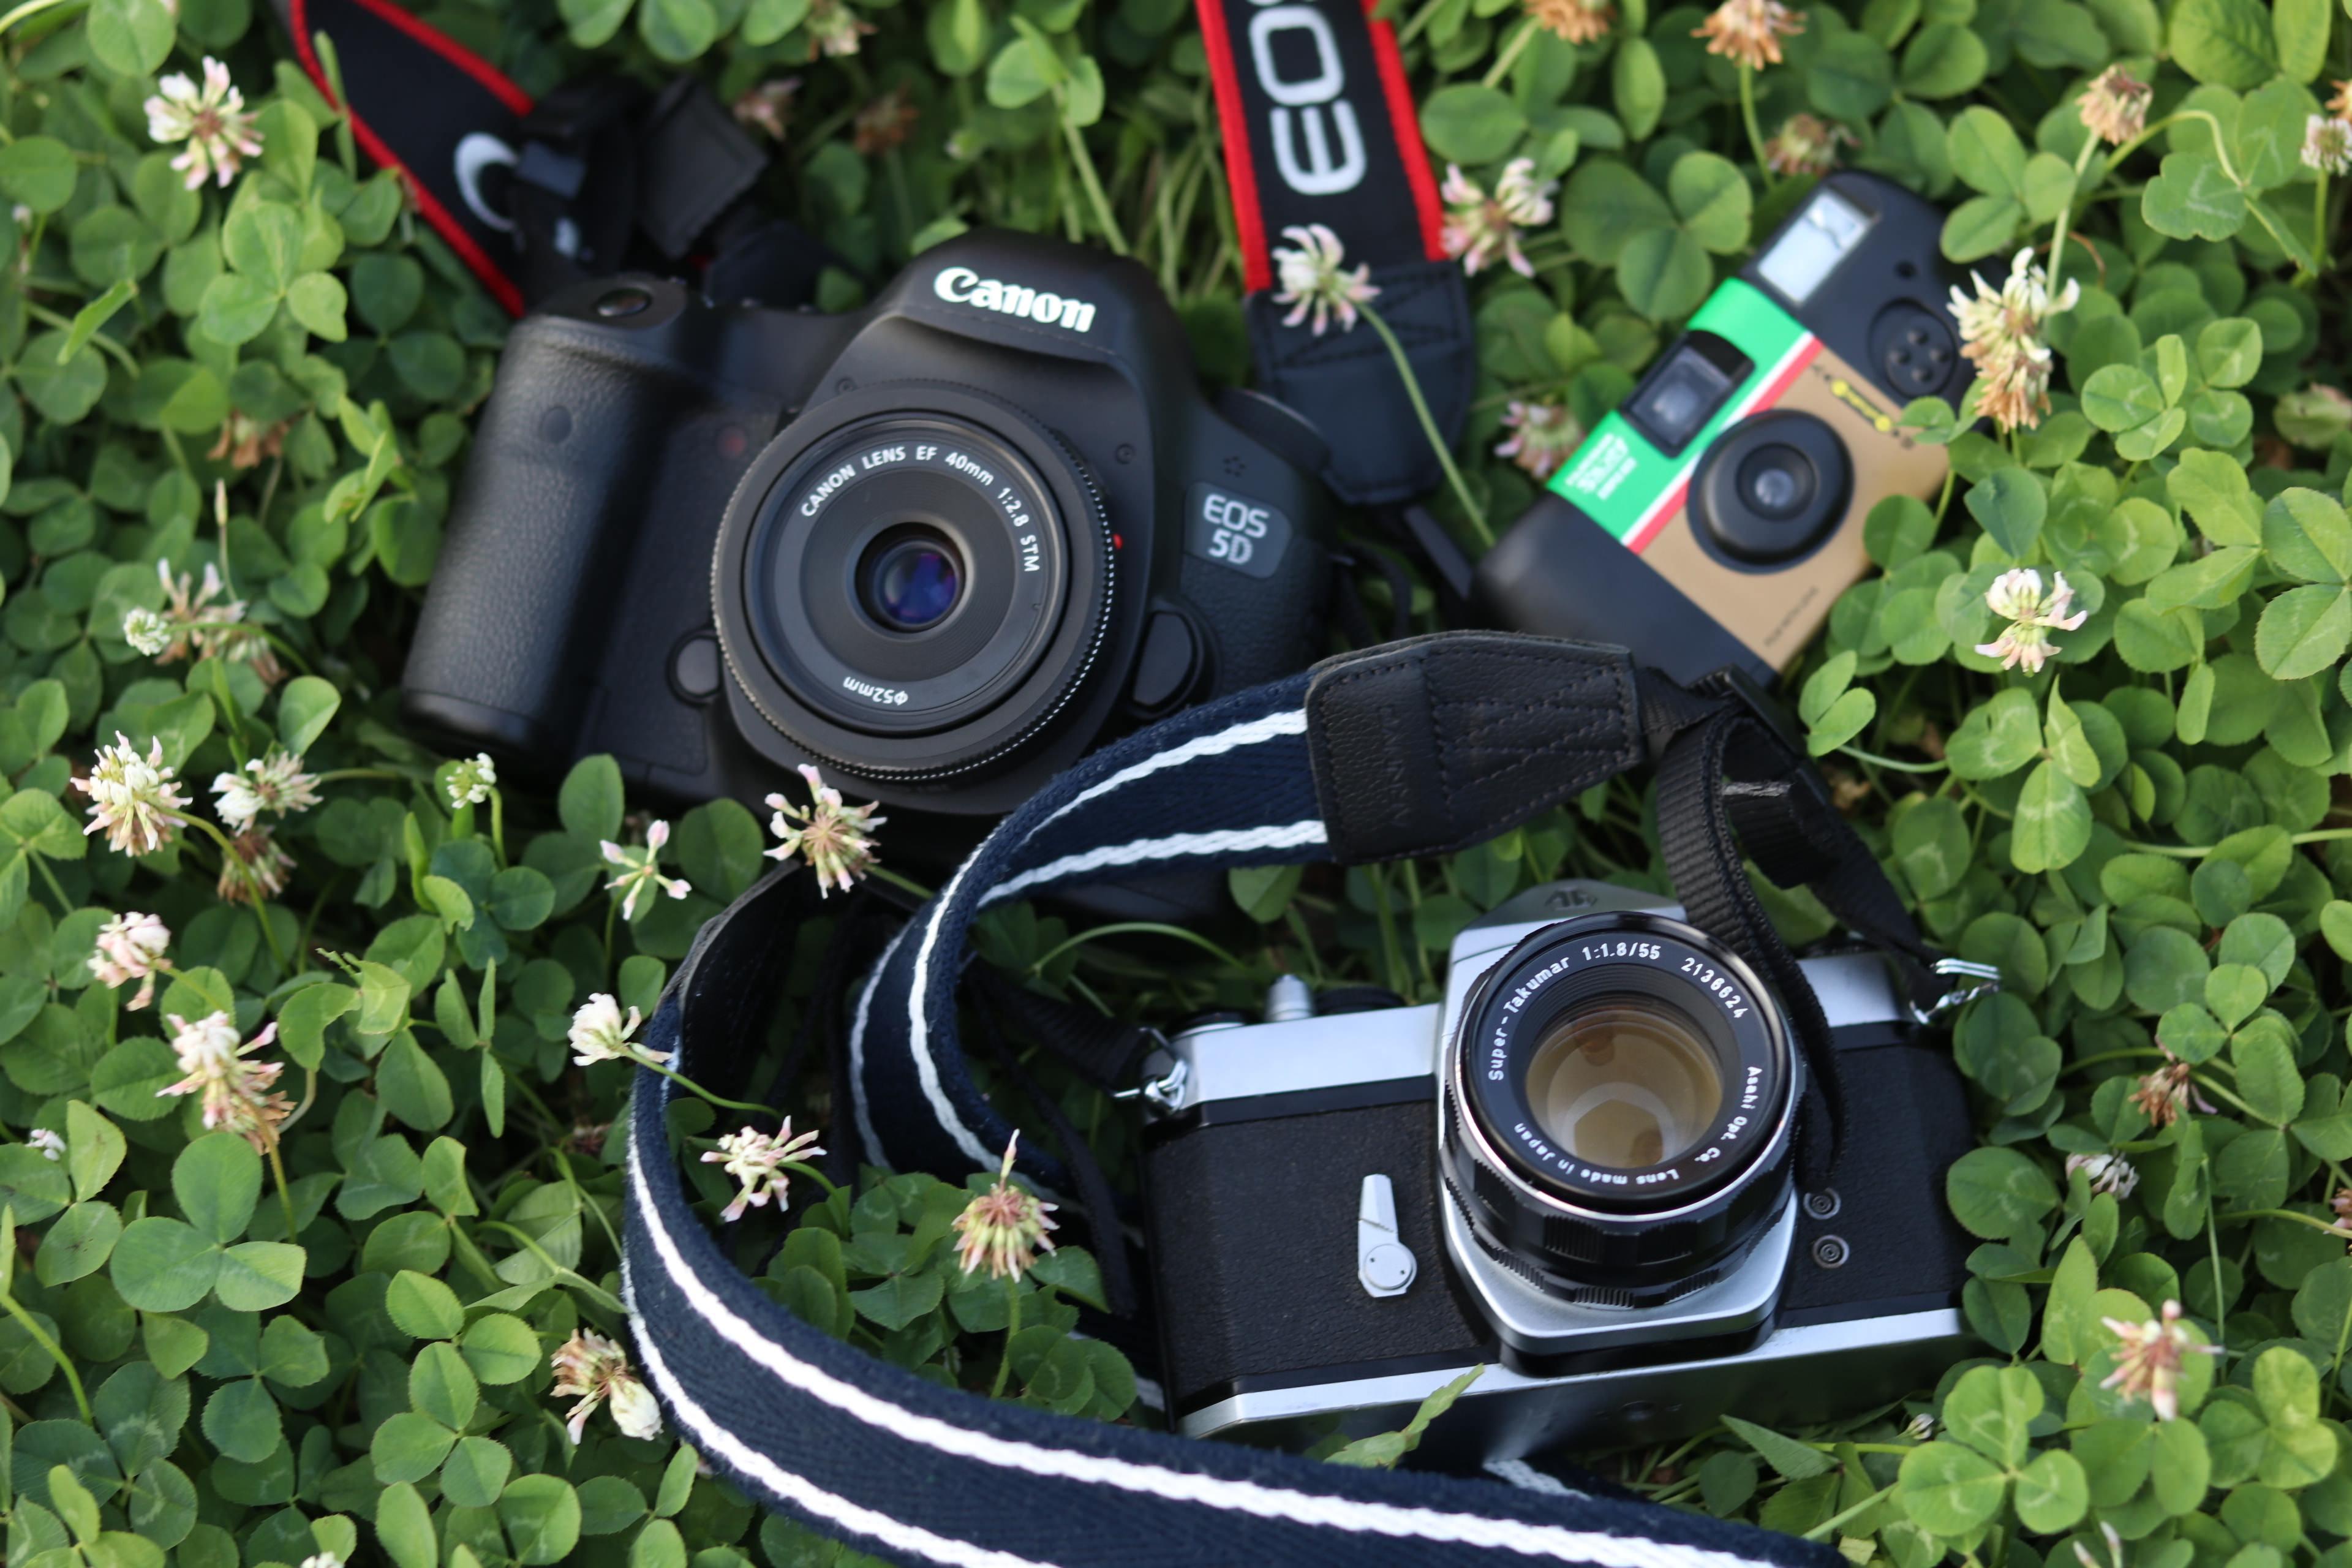 категории образование зеркальный фотоаппарат для репортажной съемки факты его